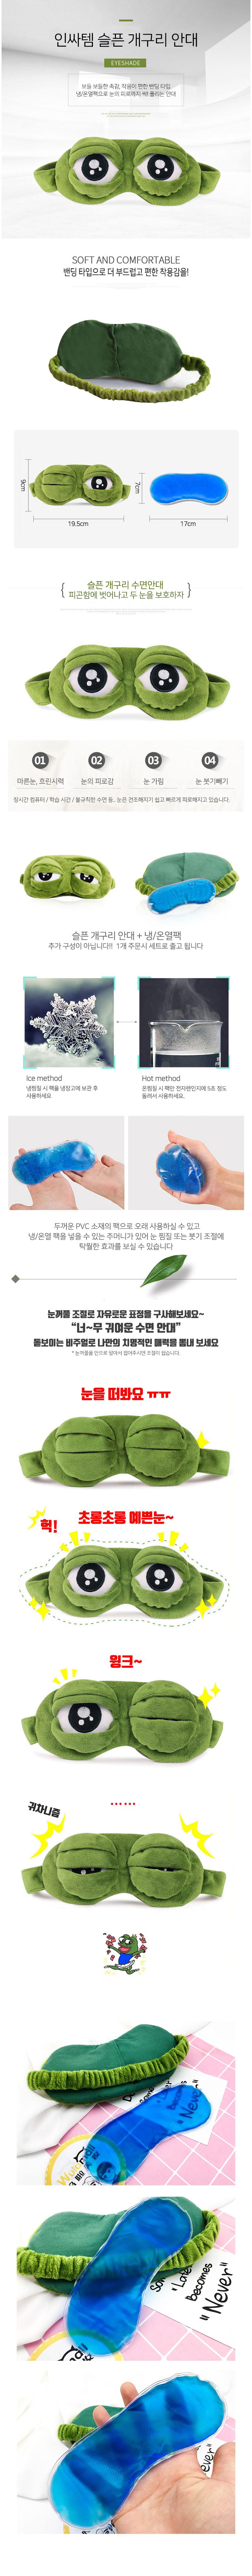 인싸템 슬픈 개구리 수면안대(보냉팩 포함) - 아이펀즈, 4,500원, 아이디어 상품, 아이디어 상품